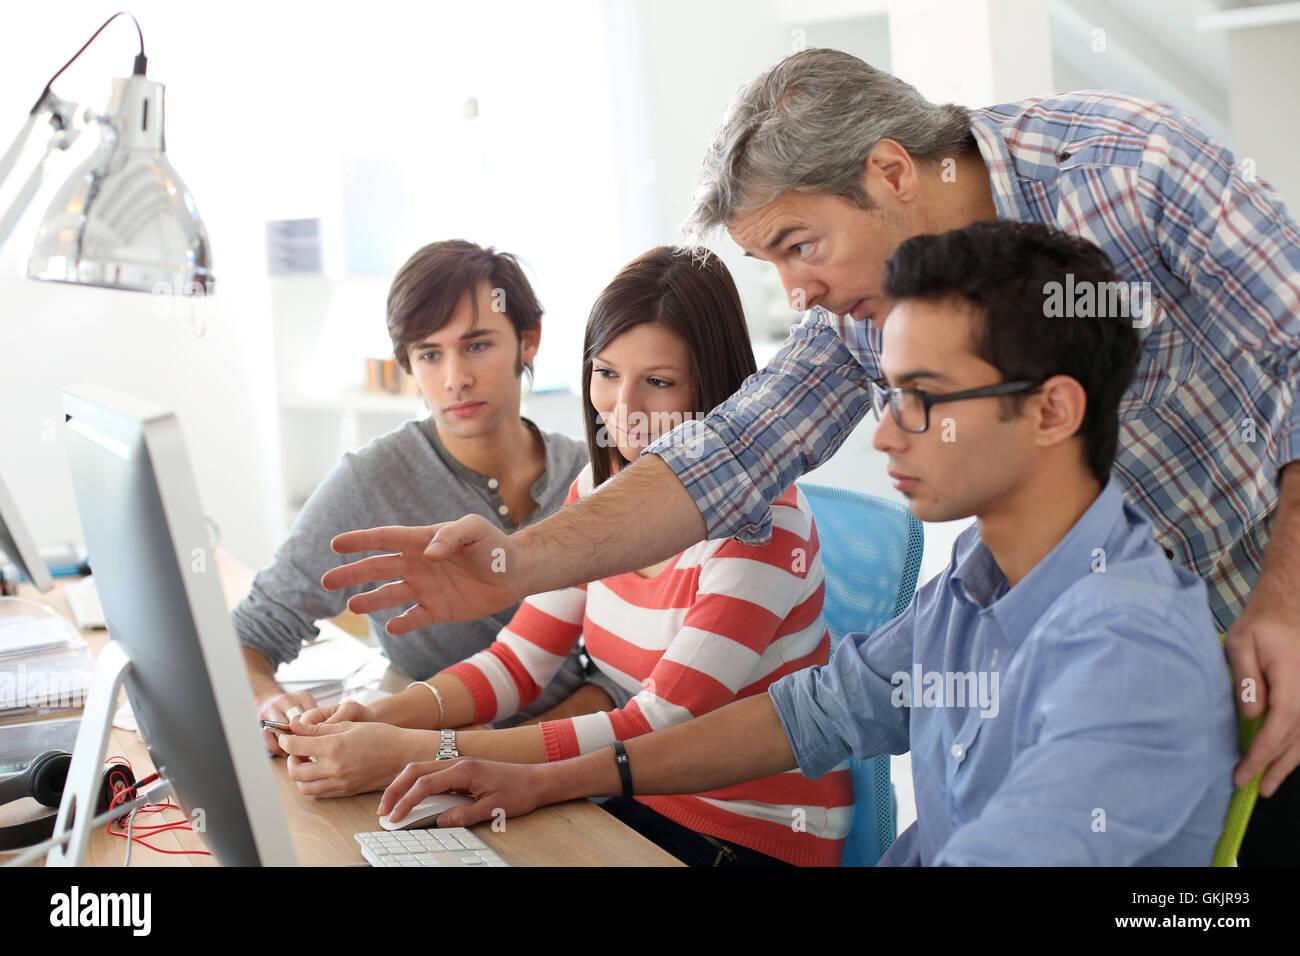 Profesor con estudiantes trabajando en equipos de escritorio Imagen De Stock